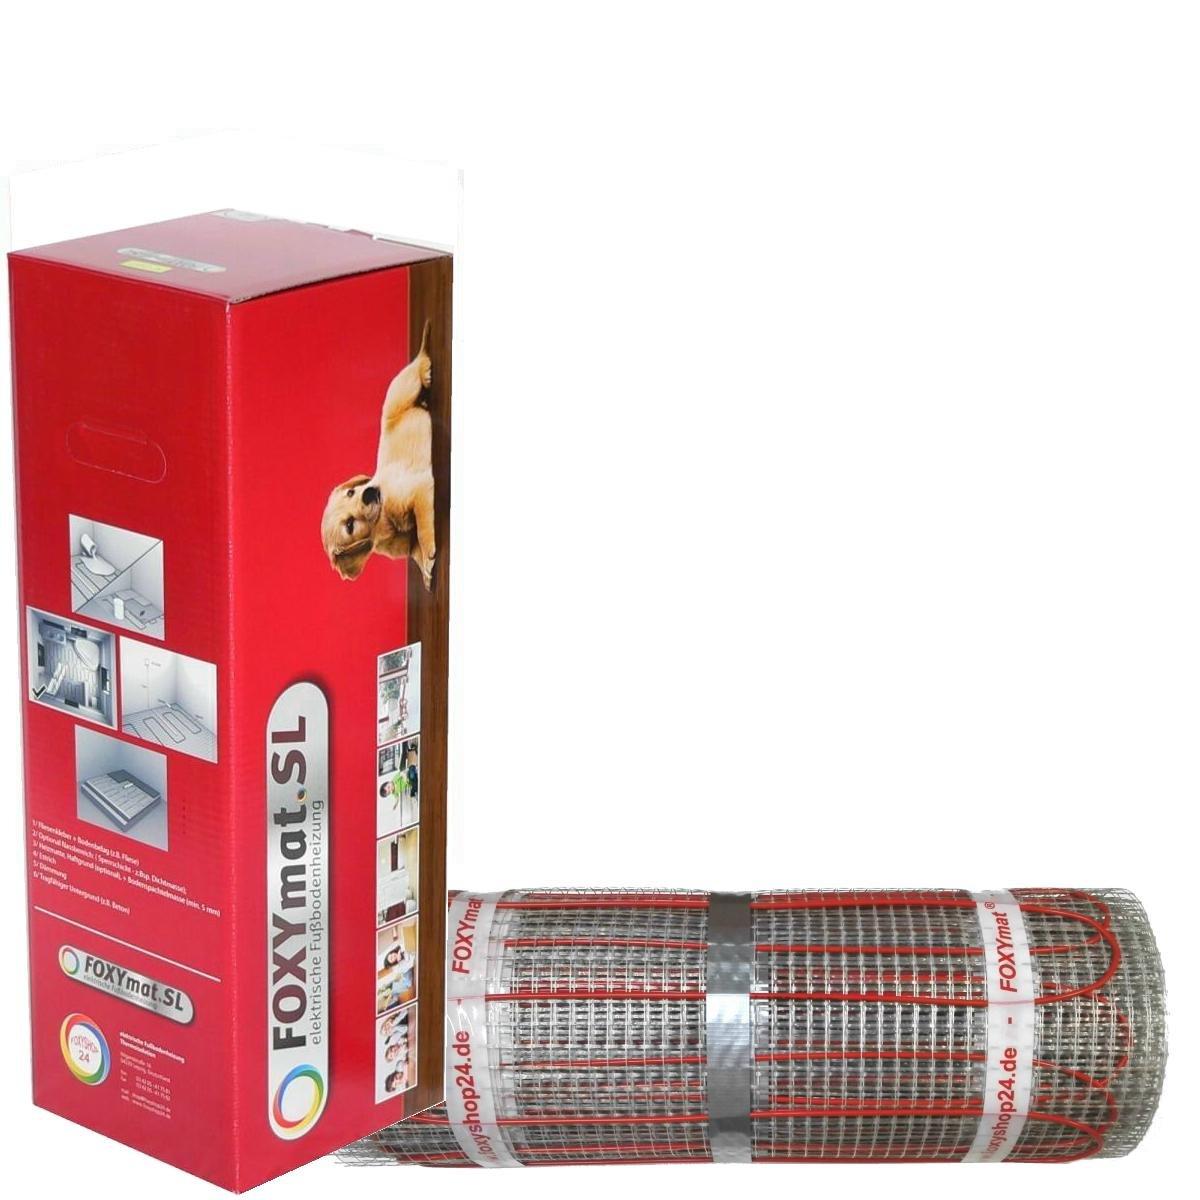 200 Watt pro m/²,f/ür die schnelle Erw/ärmung ohne Thermostat 0.5m x 7m 3.5 m/² FOXYSHOP24-elektrische Fu/ßbodenheizung PREMIUM MARKE FOXYMAT.SL RAPID